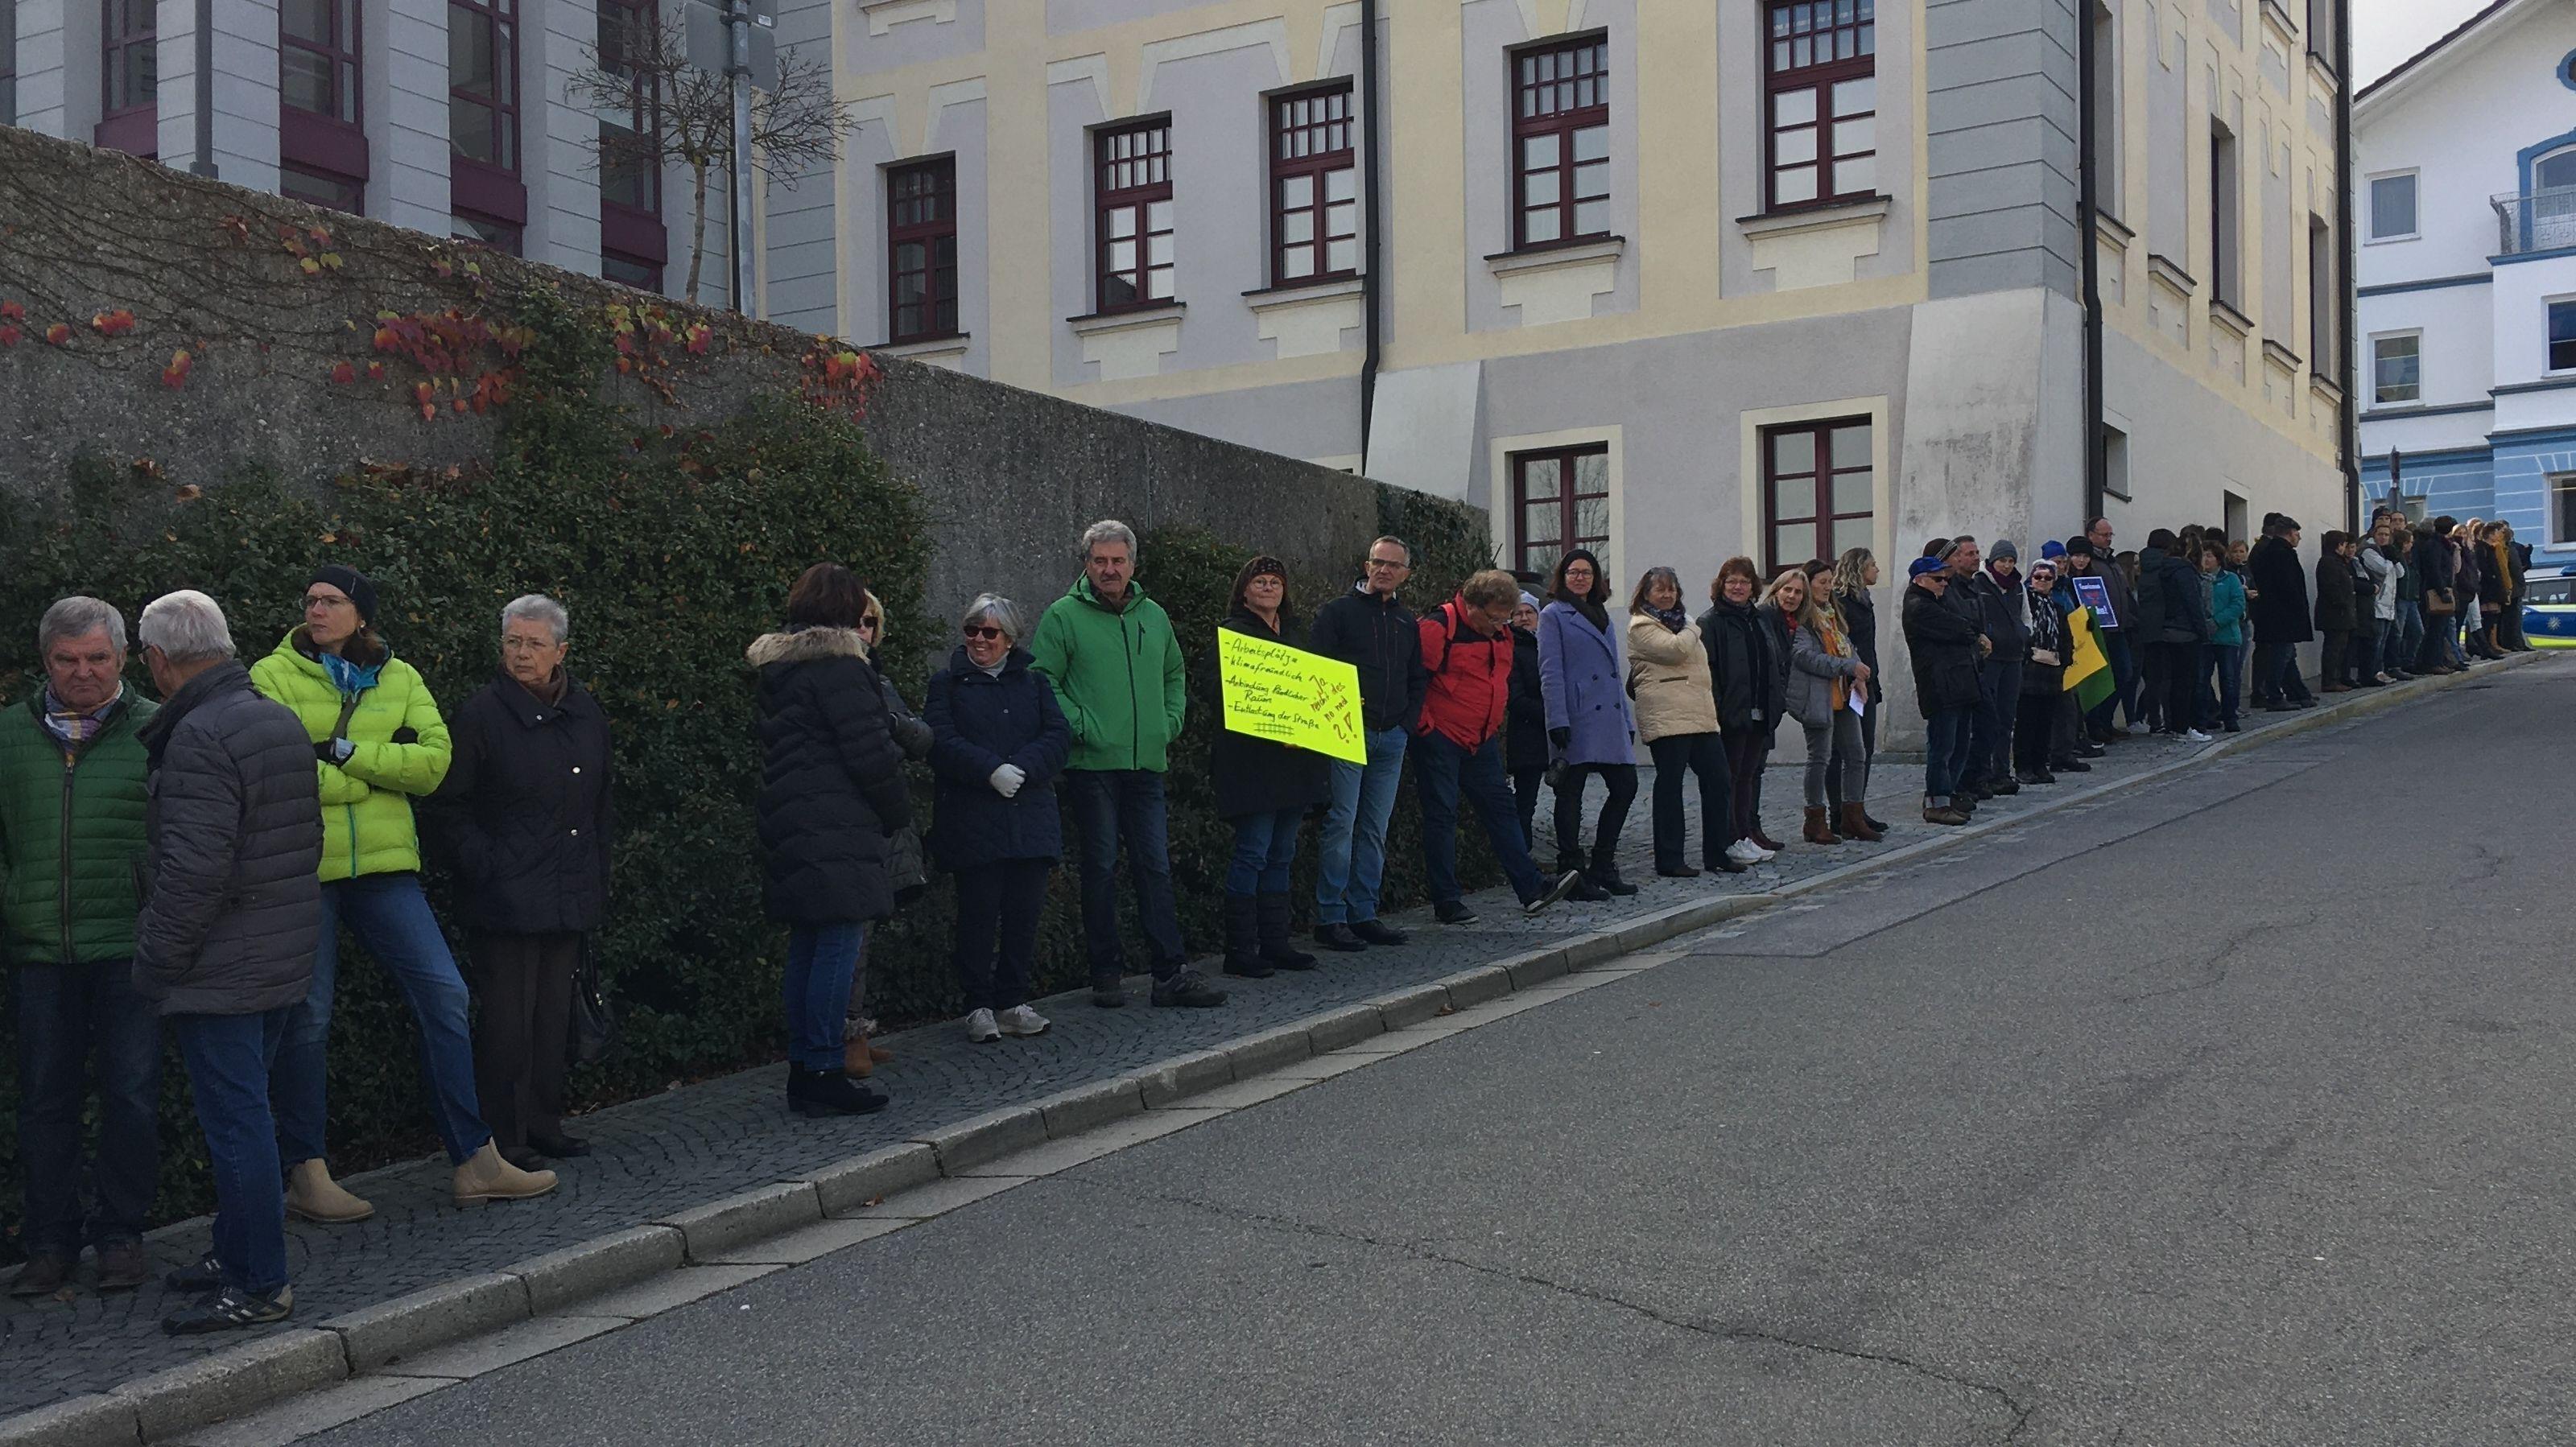 Über 400 Menschen bildeten eine Menschenkette in Viechtach zwischen Rathaus und Bahnhof